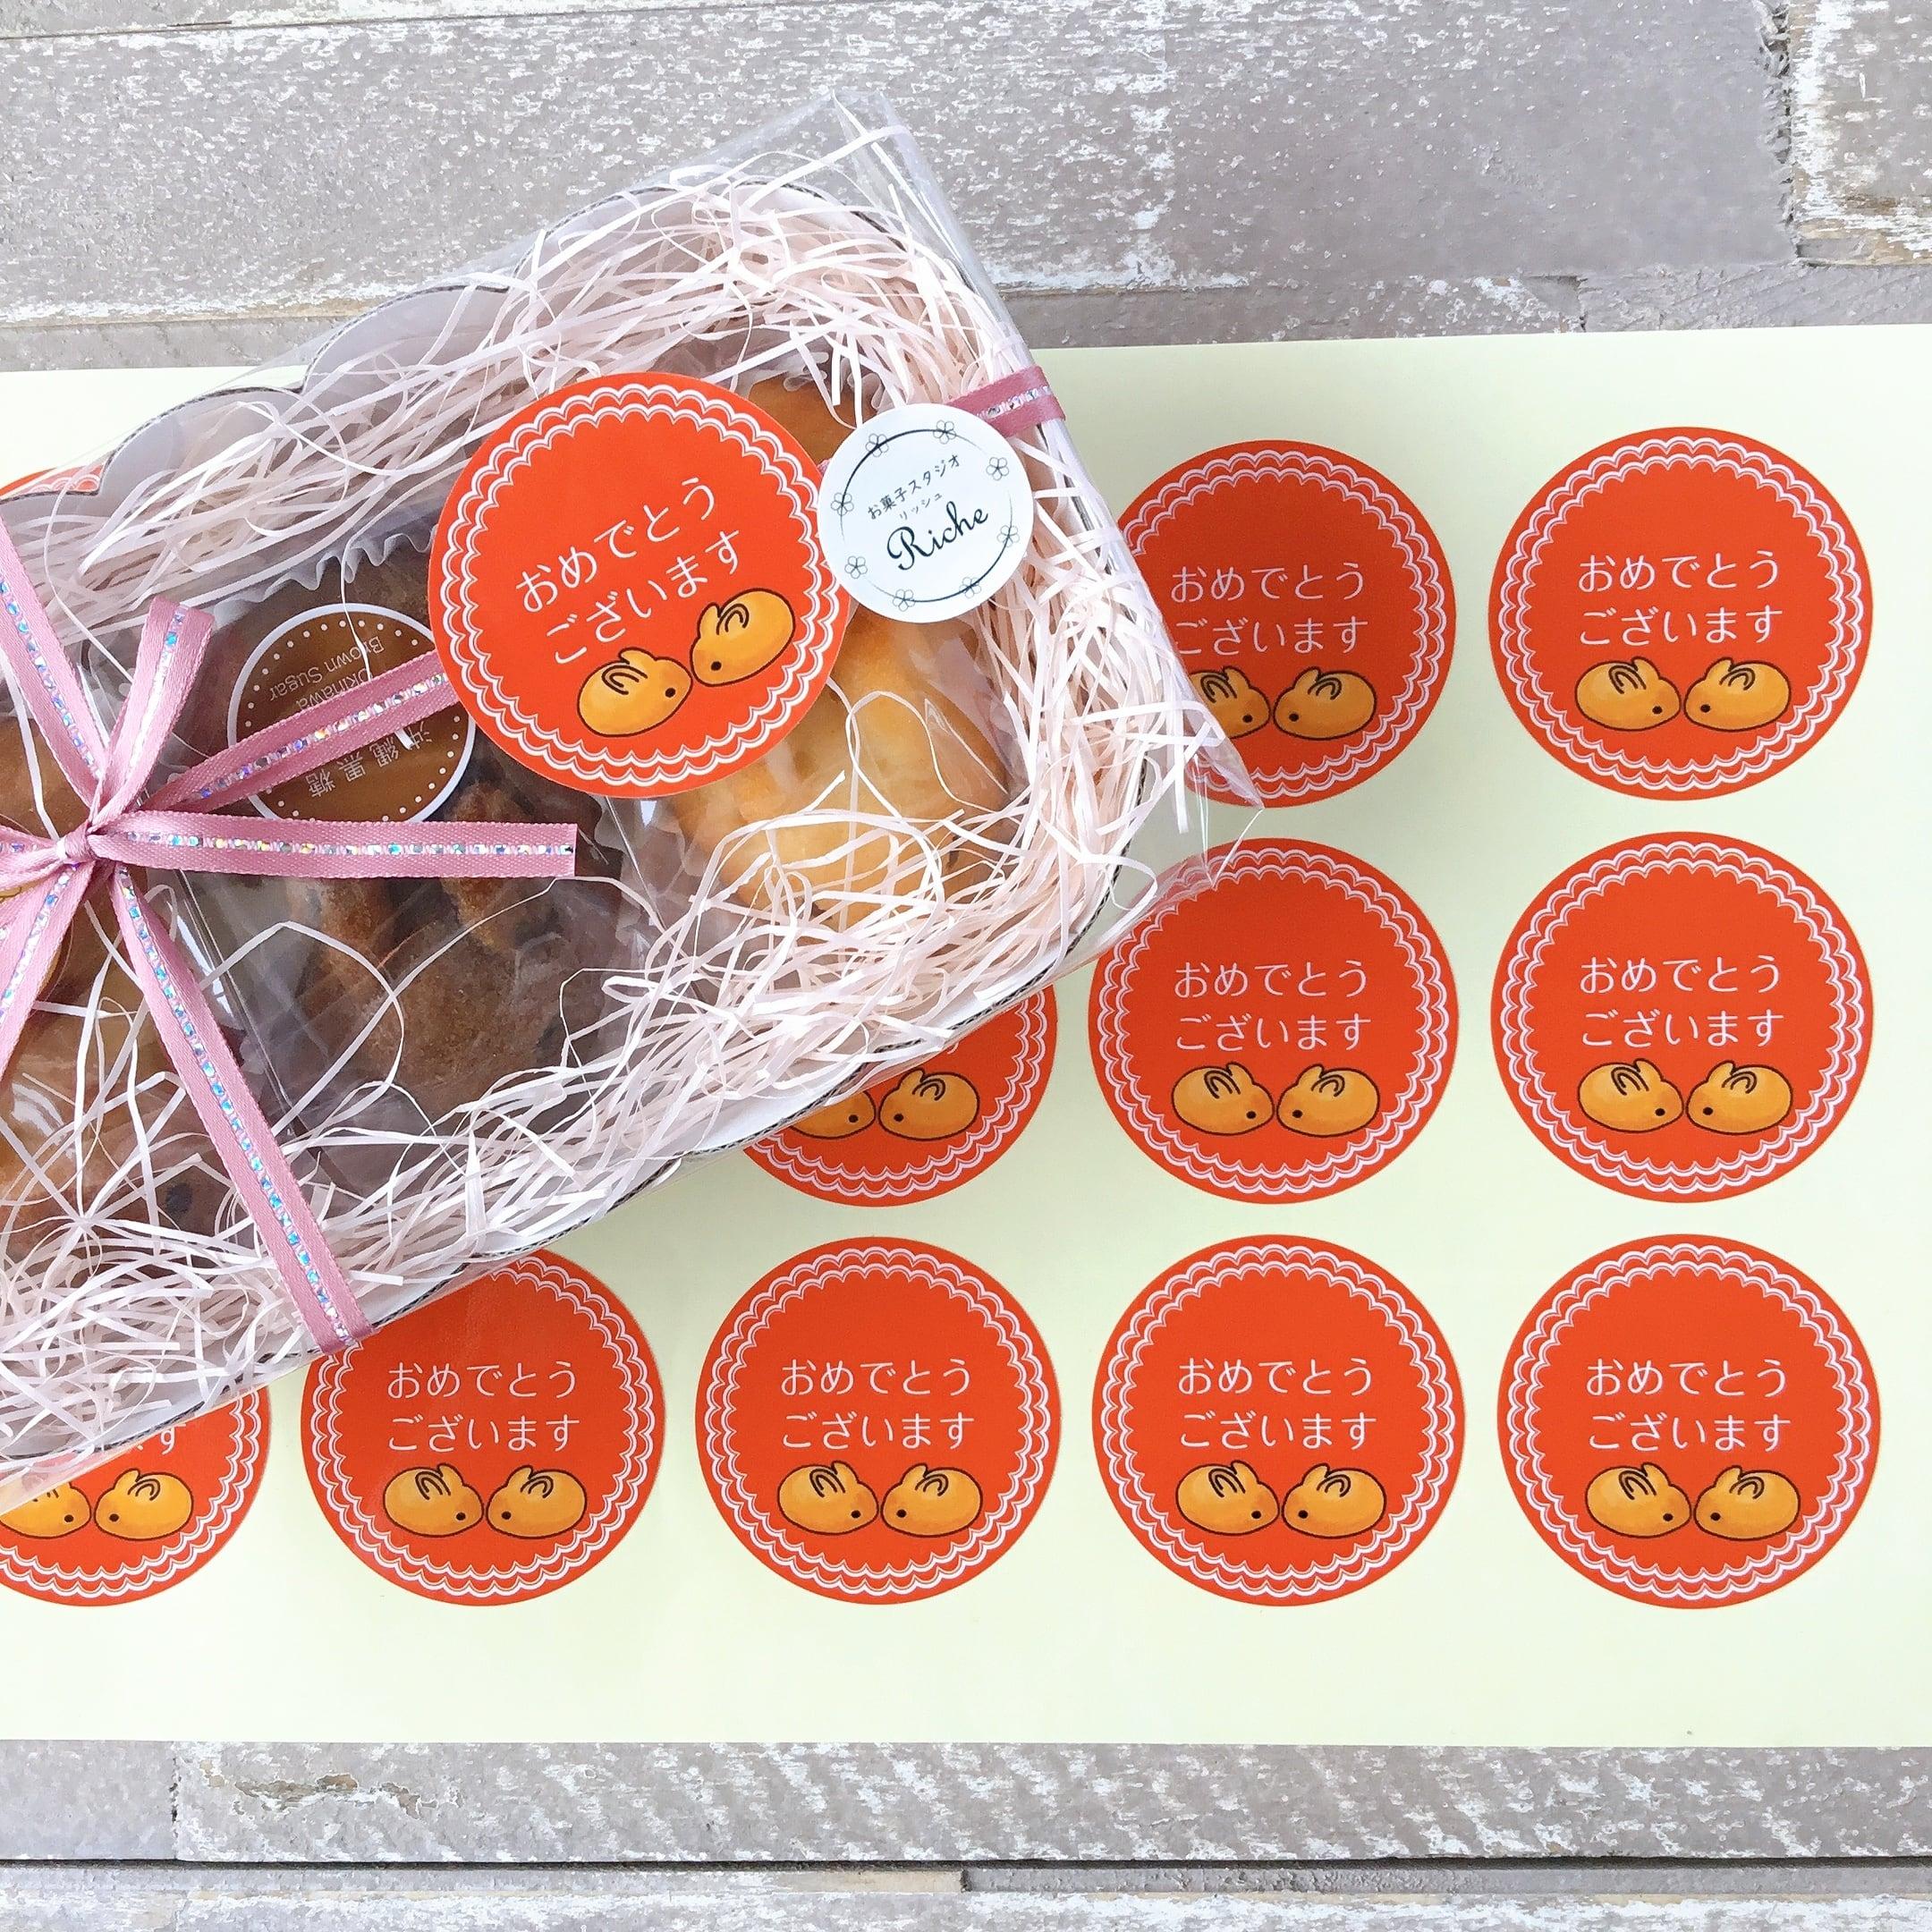 ≪常温便≫レギュラー味3羽セット(プレーン1羽、黒糖1羽、シークヮーサー1羽)(焼き菓子/フィナンシェ/お菓子ギフト)